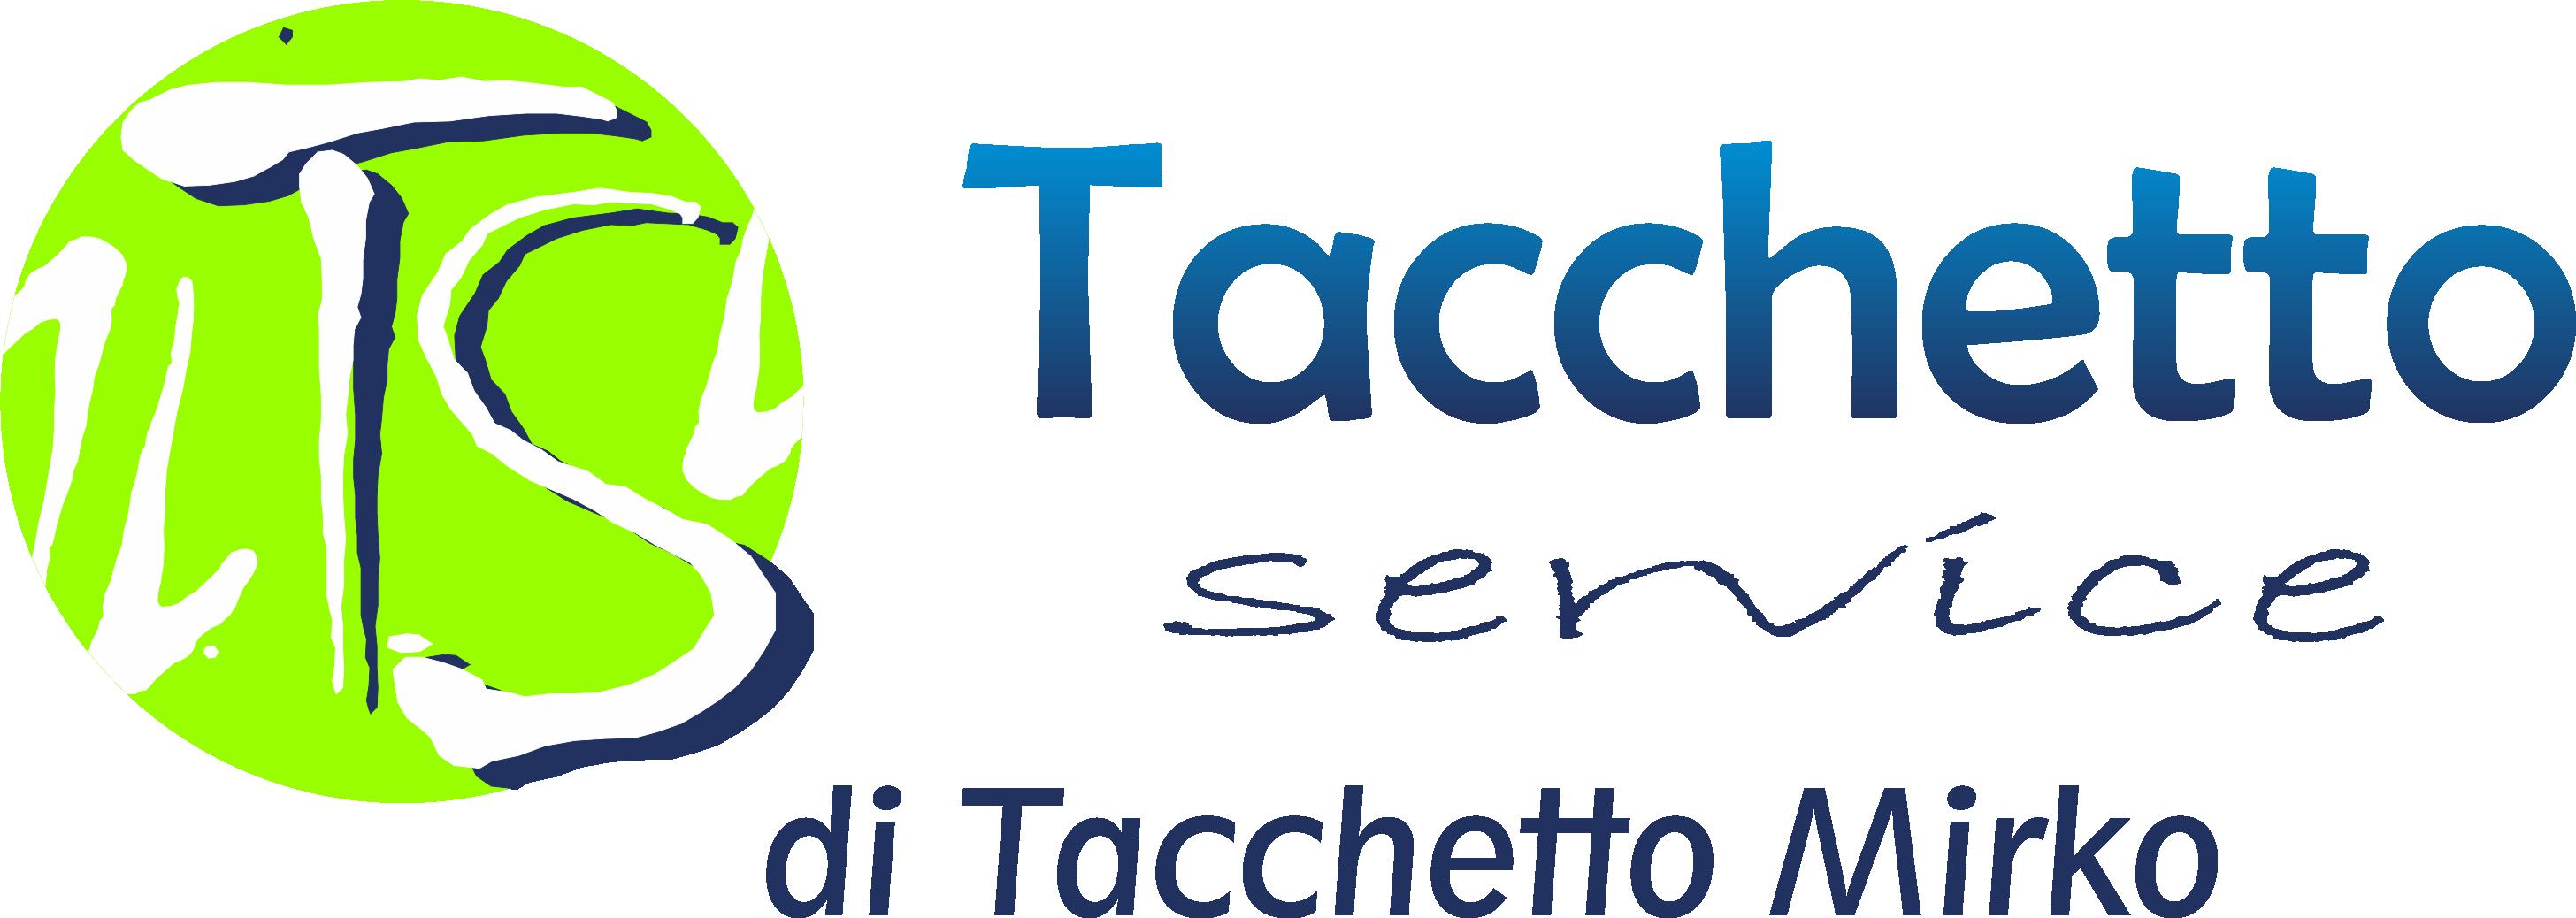 Tacchetto Service